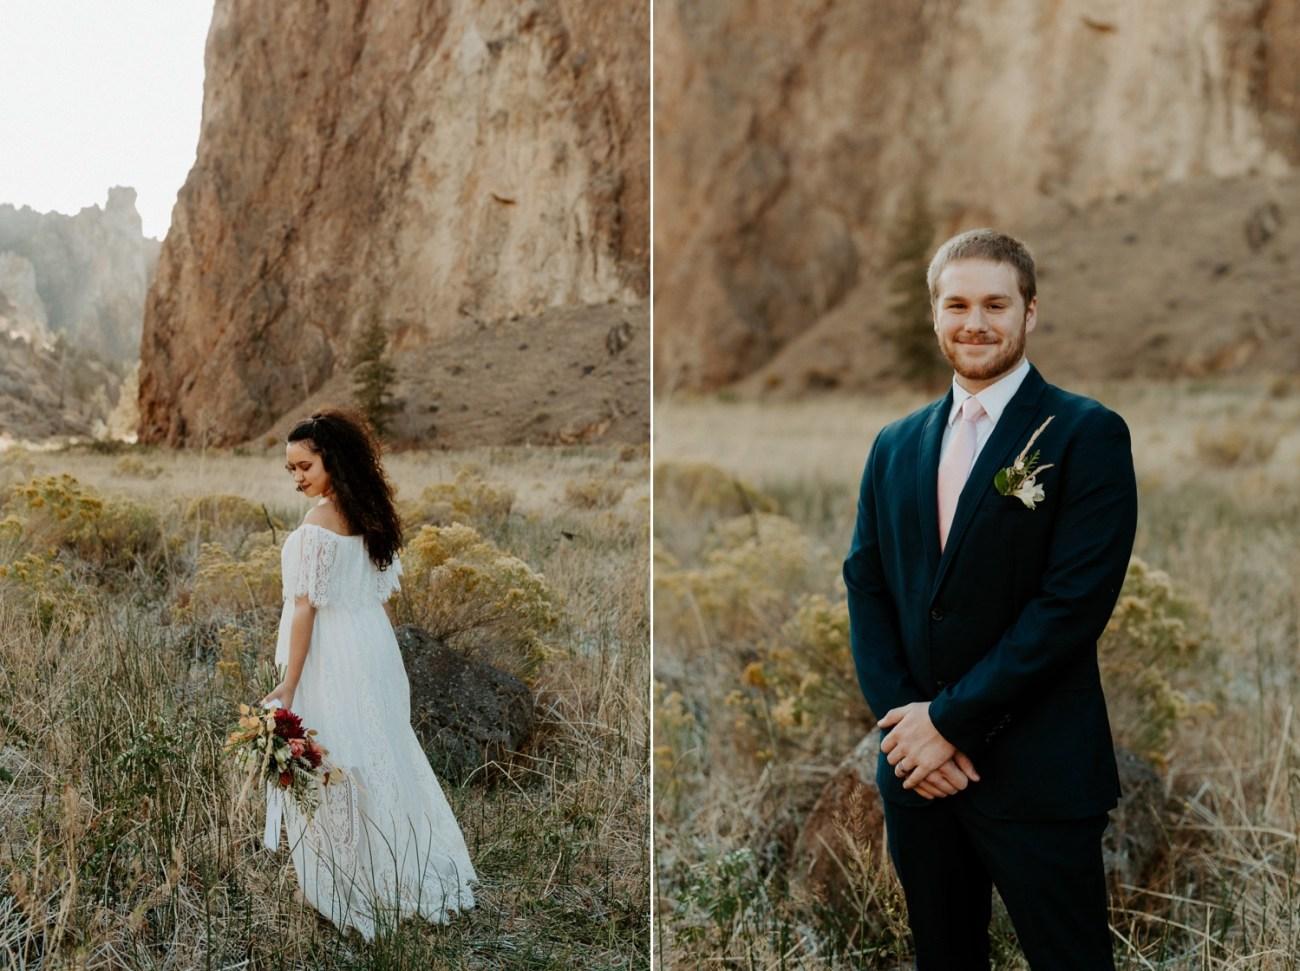 Smith Rock Elopement Bend Elopement Photographer Bend Wedding Photographer Fall Bend Wedding Anais Possamai Photography 009